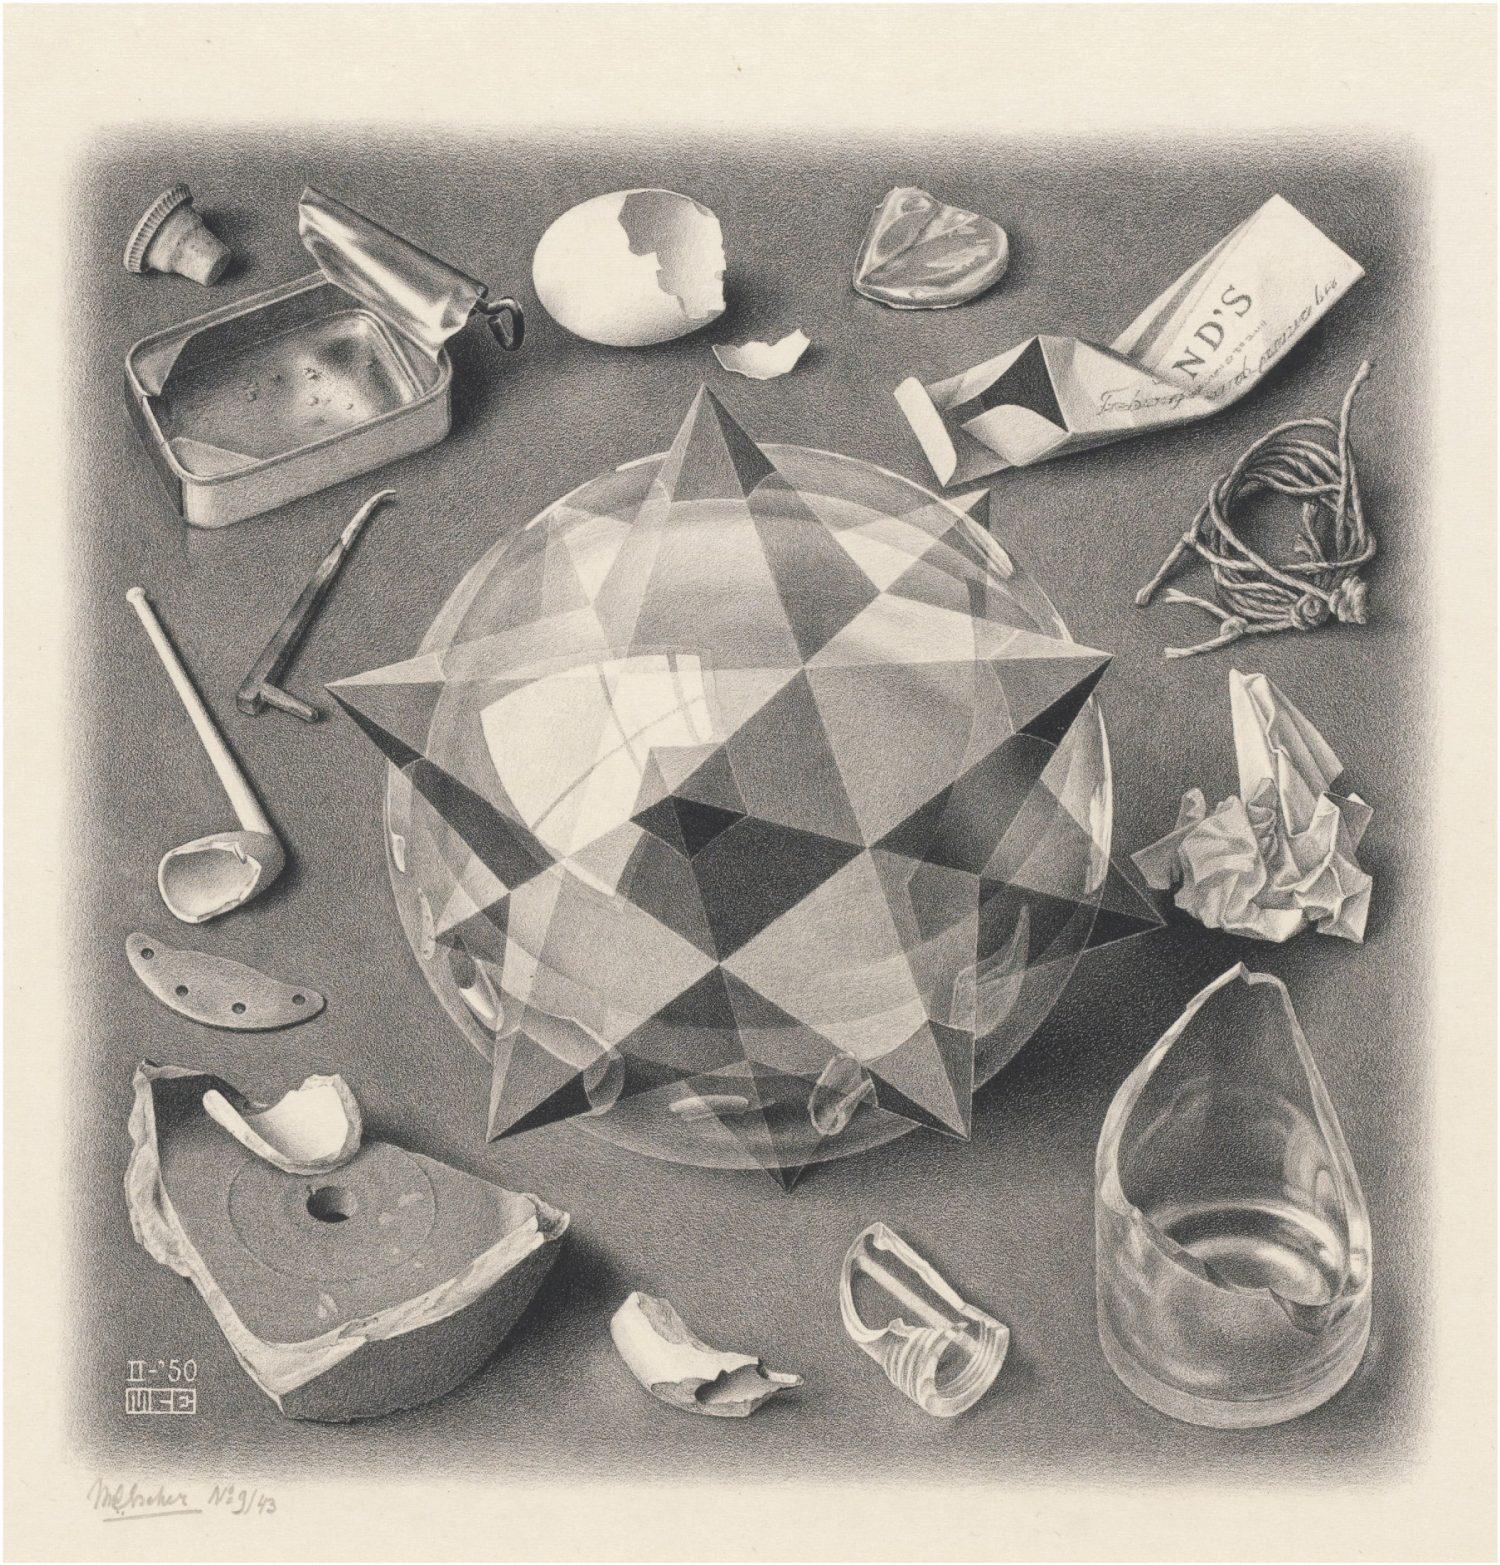 《対照(秩序と混沌》 1950年 All M.C. Escher works copyright © The M.C. Escher Company B.V. - Baarn-Holland.  All rights reserved. www.mcescher.com